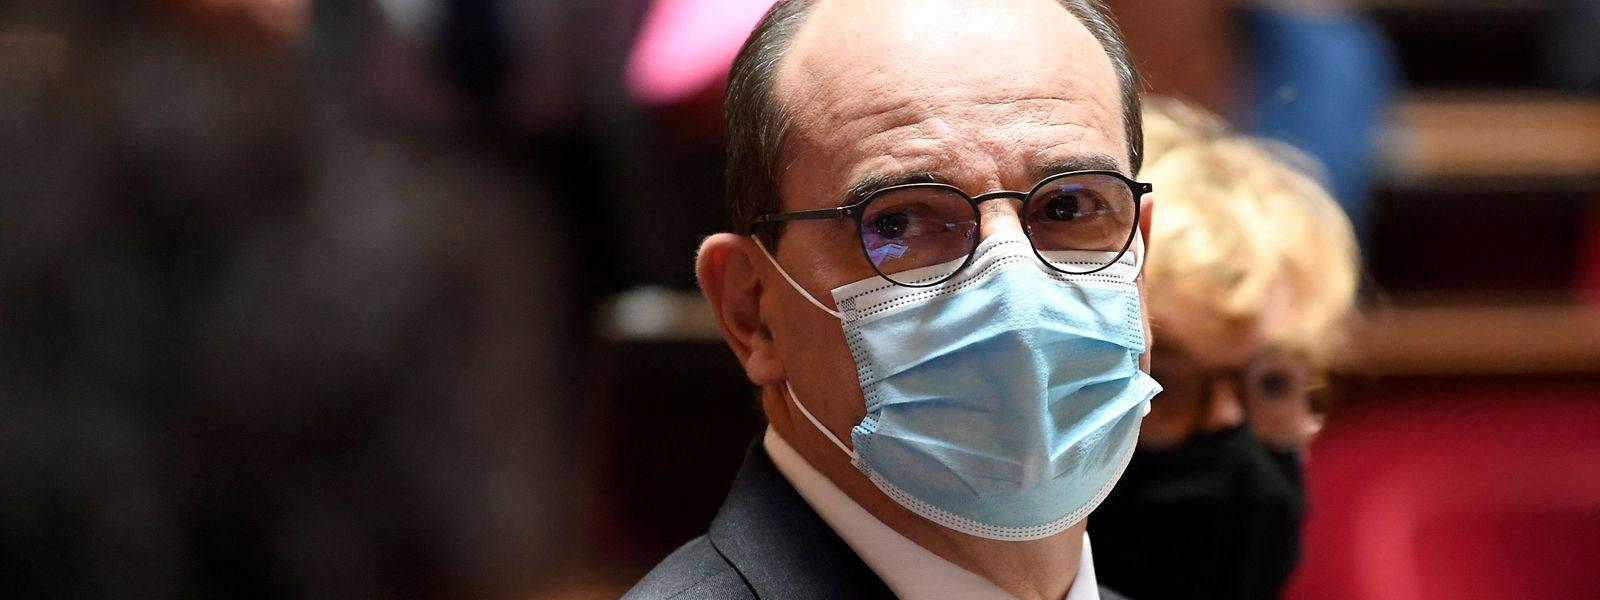 Le nouveau Premier ministre français, Jean Castex, a décidé d'avancer une mesure annoncée voilà deux jours par le président Macron.